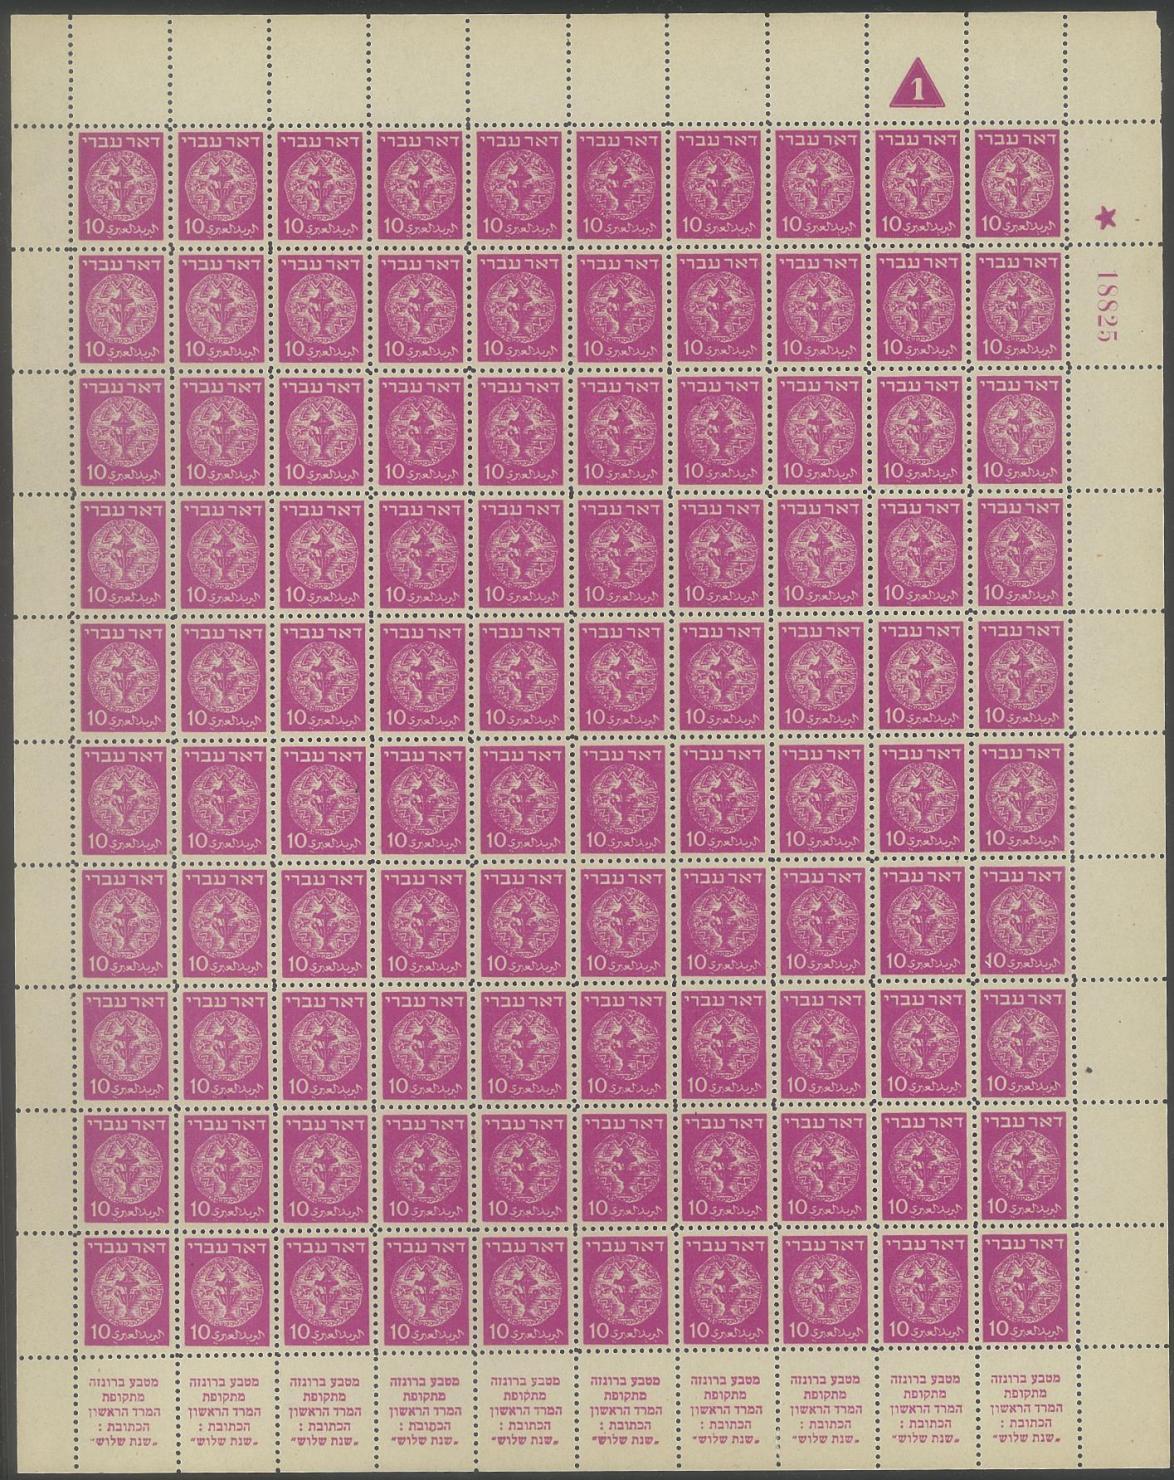 Lot 245 - DOAR  IVRI: 3 - 1000 MILS  FULL  SHEETS  -  Tel Aviv Stamps Ltd. Auction #46